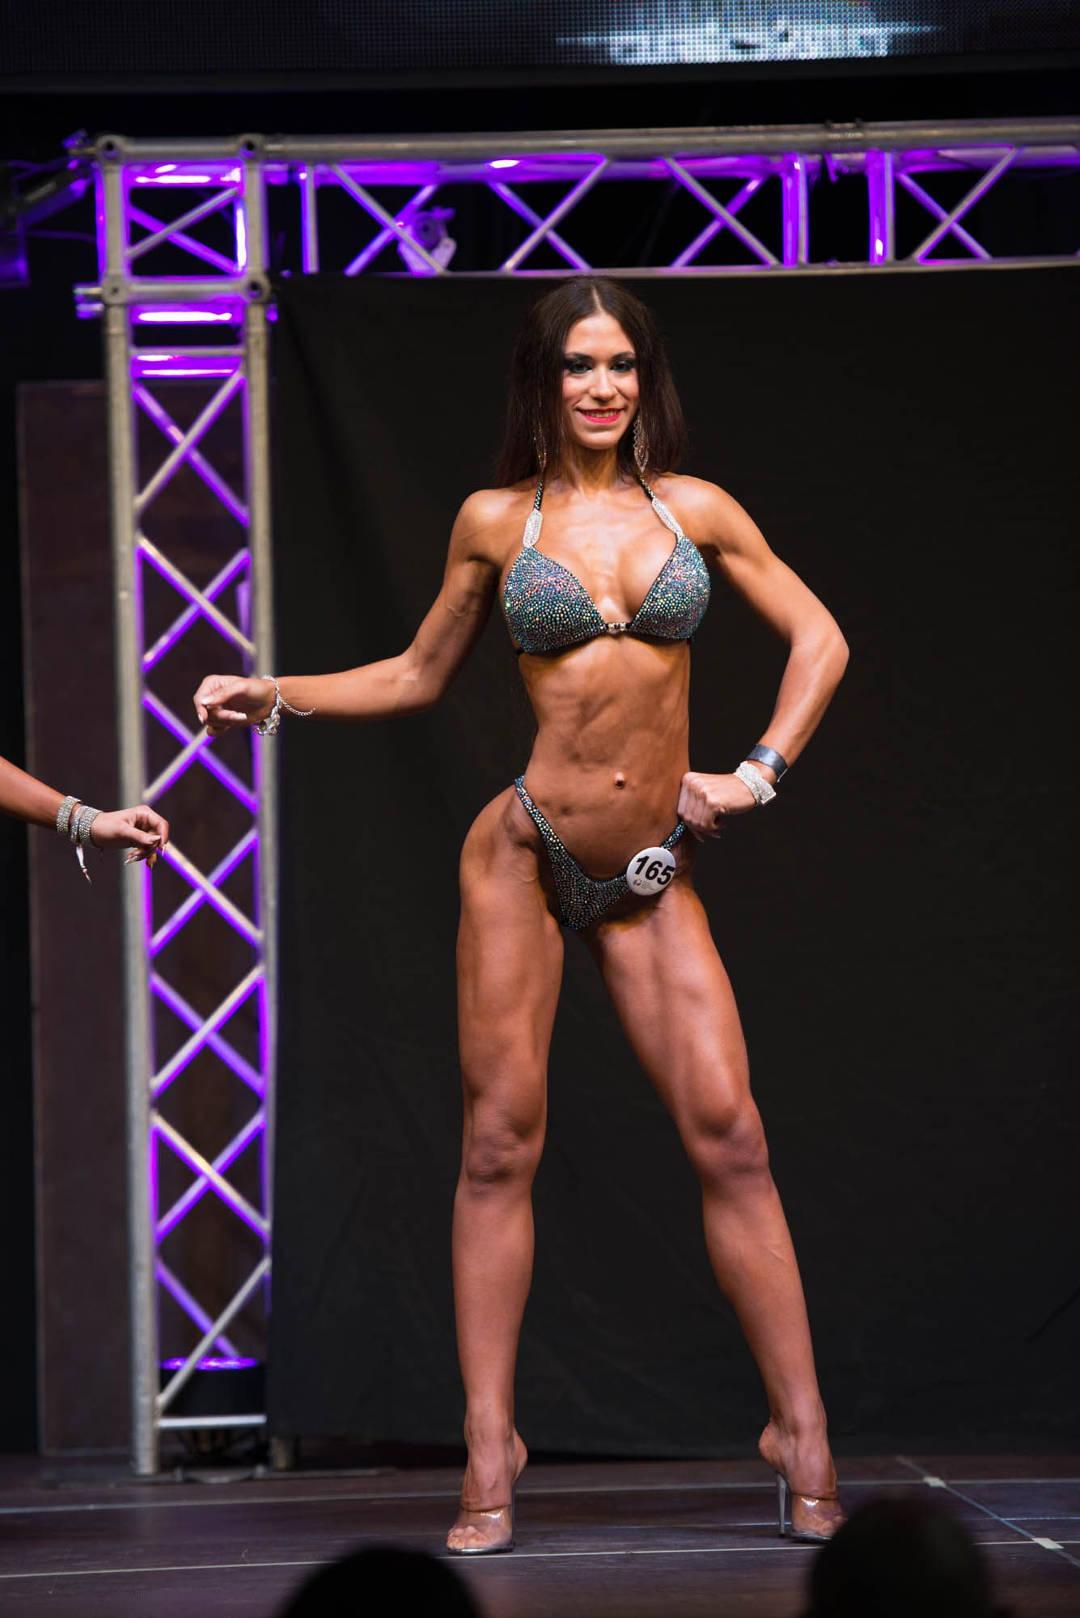 Bikini Fitness Ana Alvarez